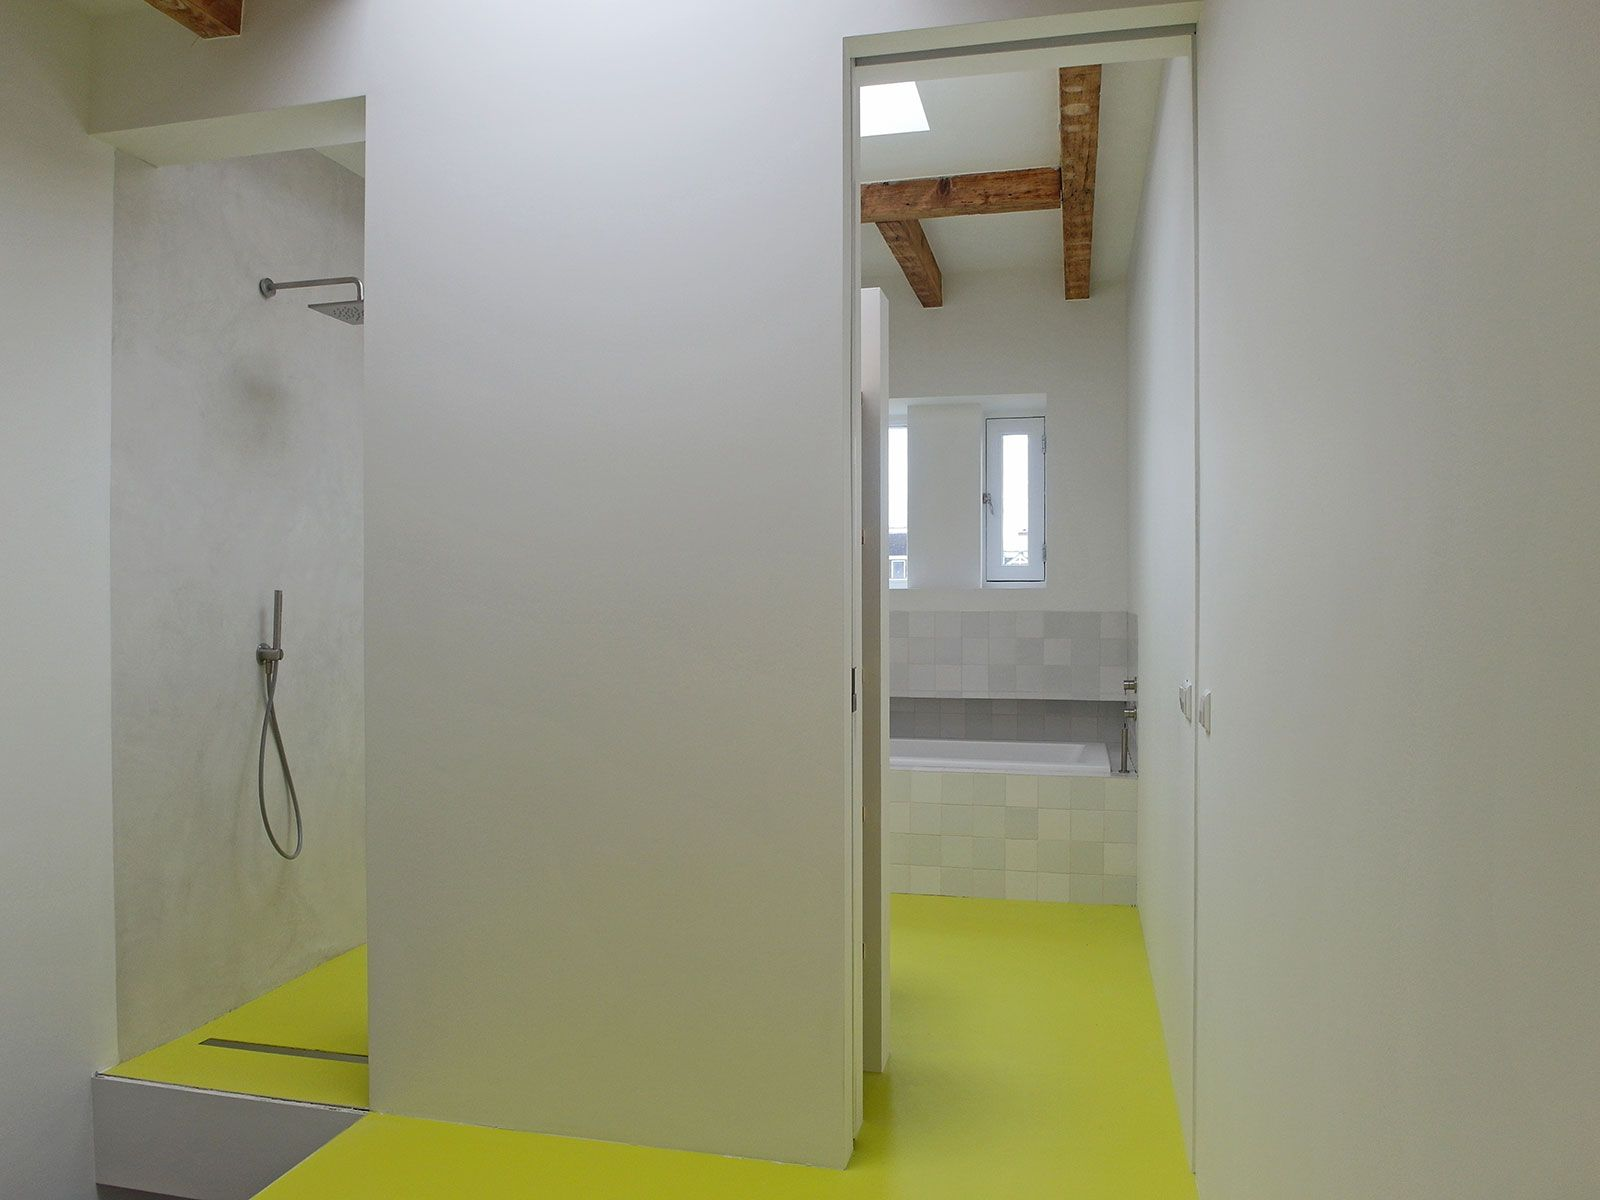 Gietvloer badkamer Amsterdam In dit unieke Amsterdamse loft heeft ...